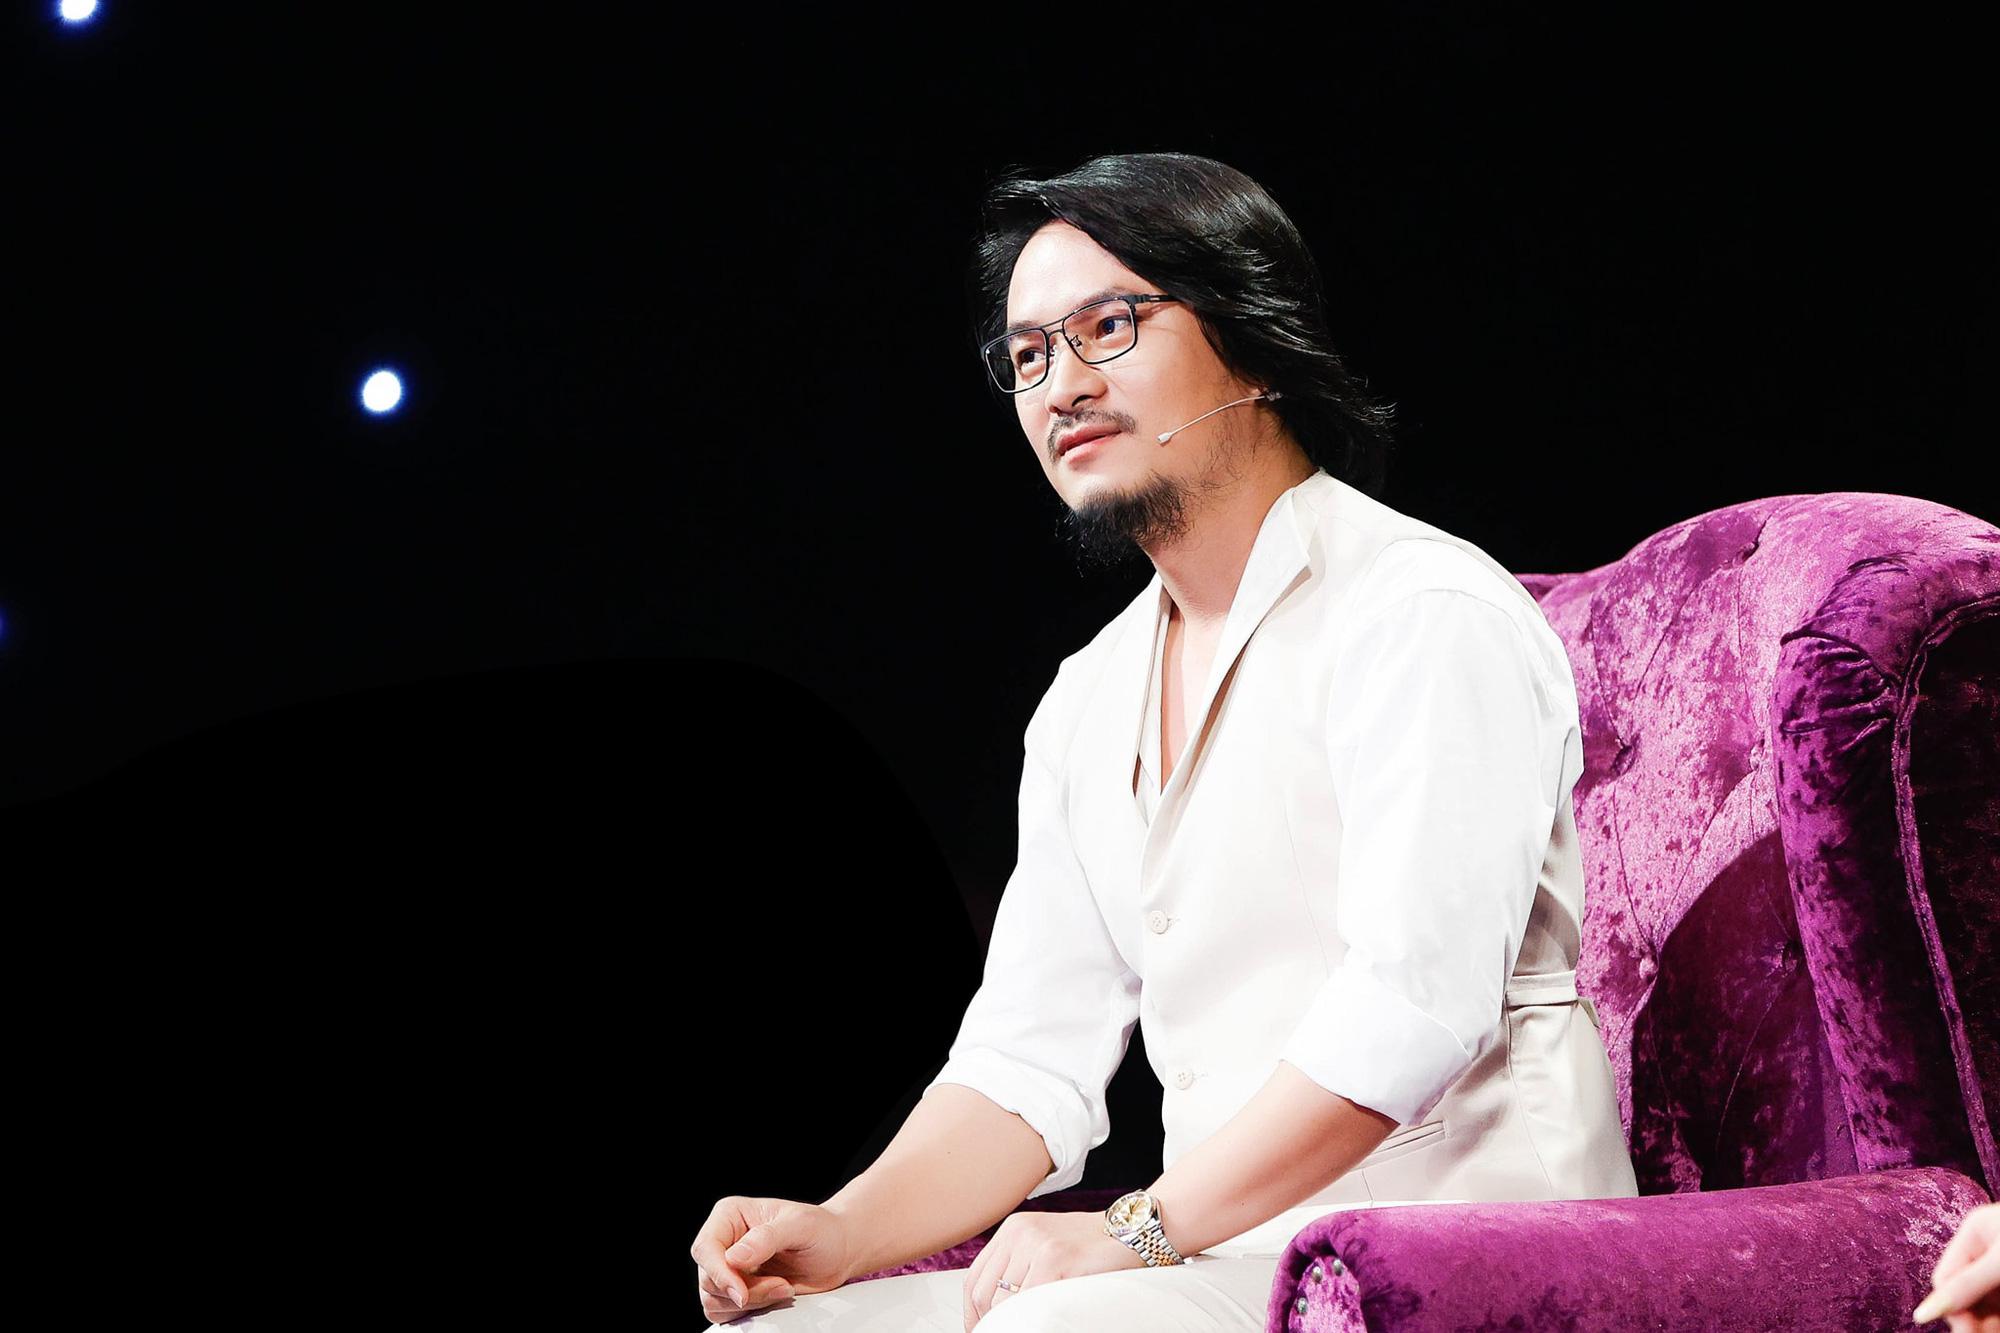 Loạt nghệ sĩ Việt tiếc nuối hoãn show, chịu thiệt hại do dịch Covid-19 - Ảnh 4.